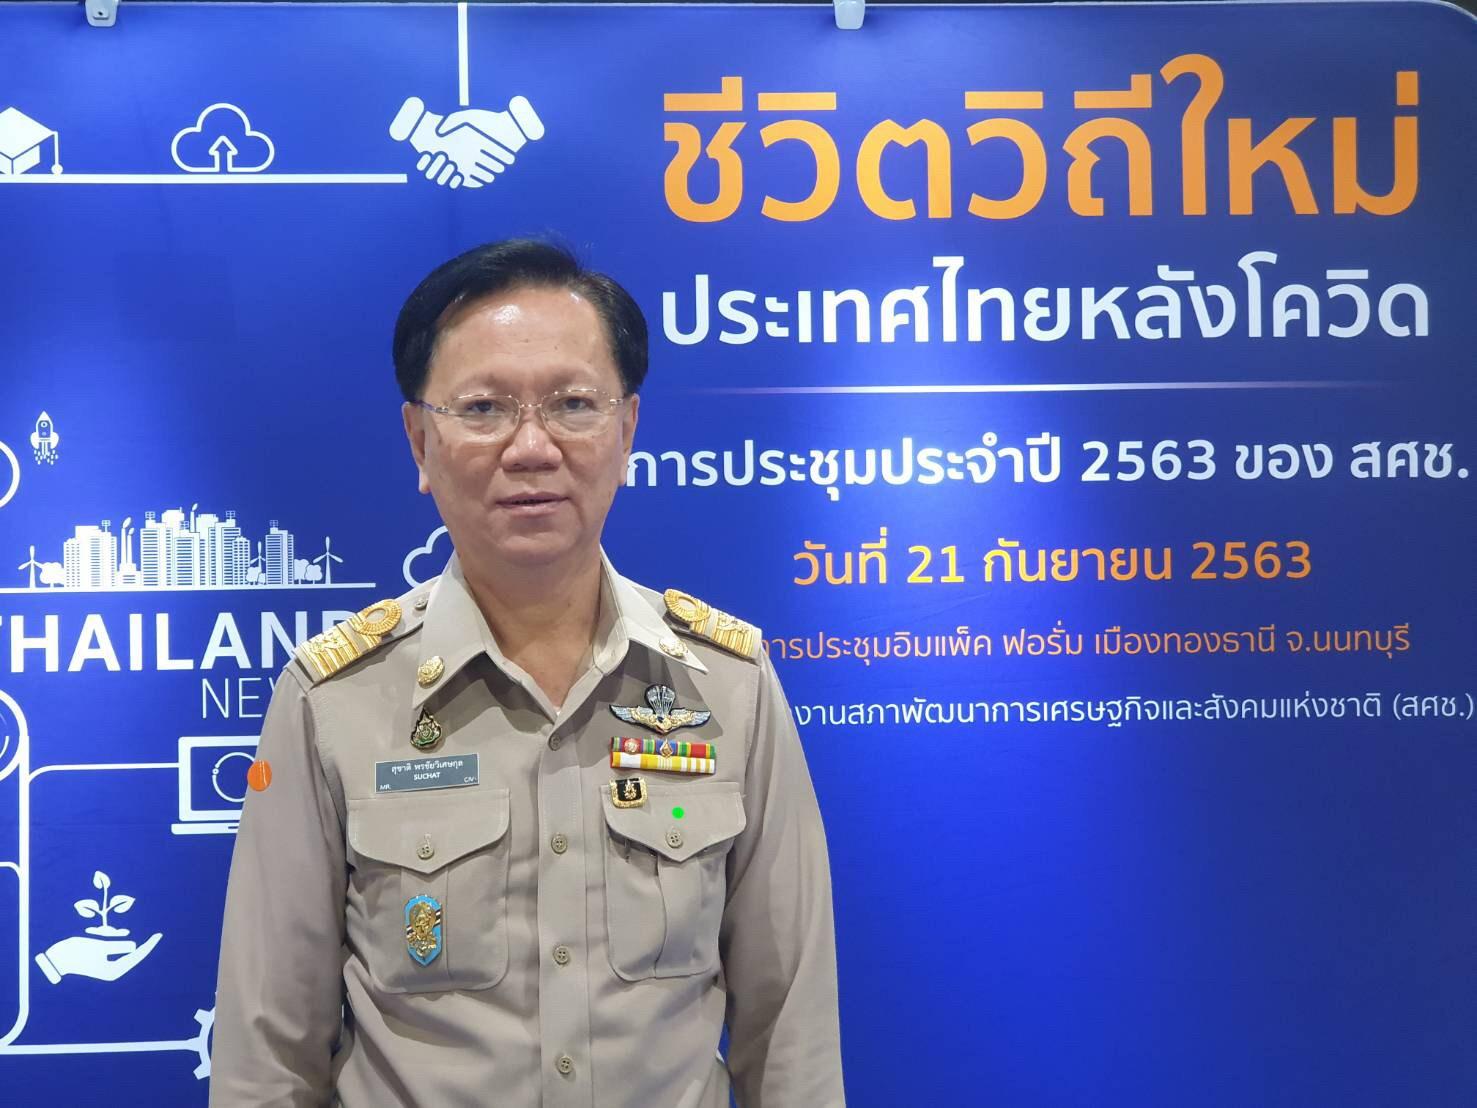 """อธิบดีกรมการจัดหางาน ร่วมประชุมประจำปี 2563 ของ สศช. เรื่อง """"ชีวิตใหม่ประเทศไทยหลังโควิด"""""""